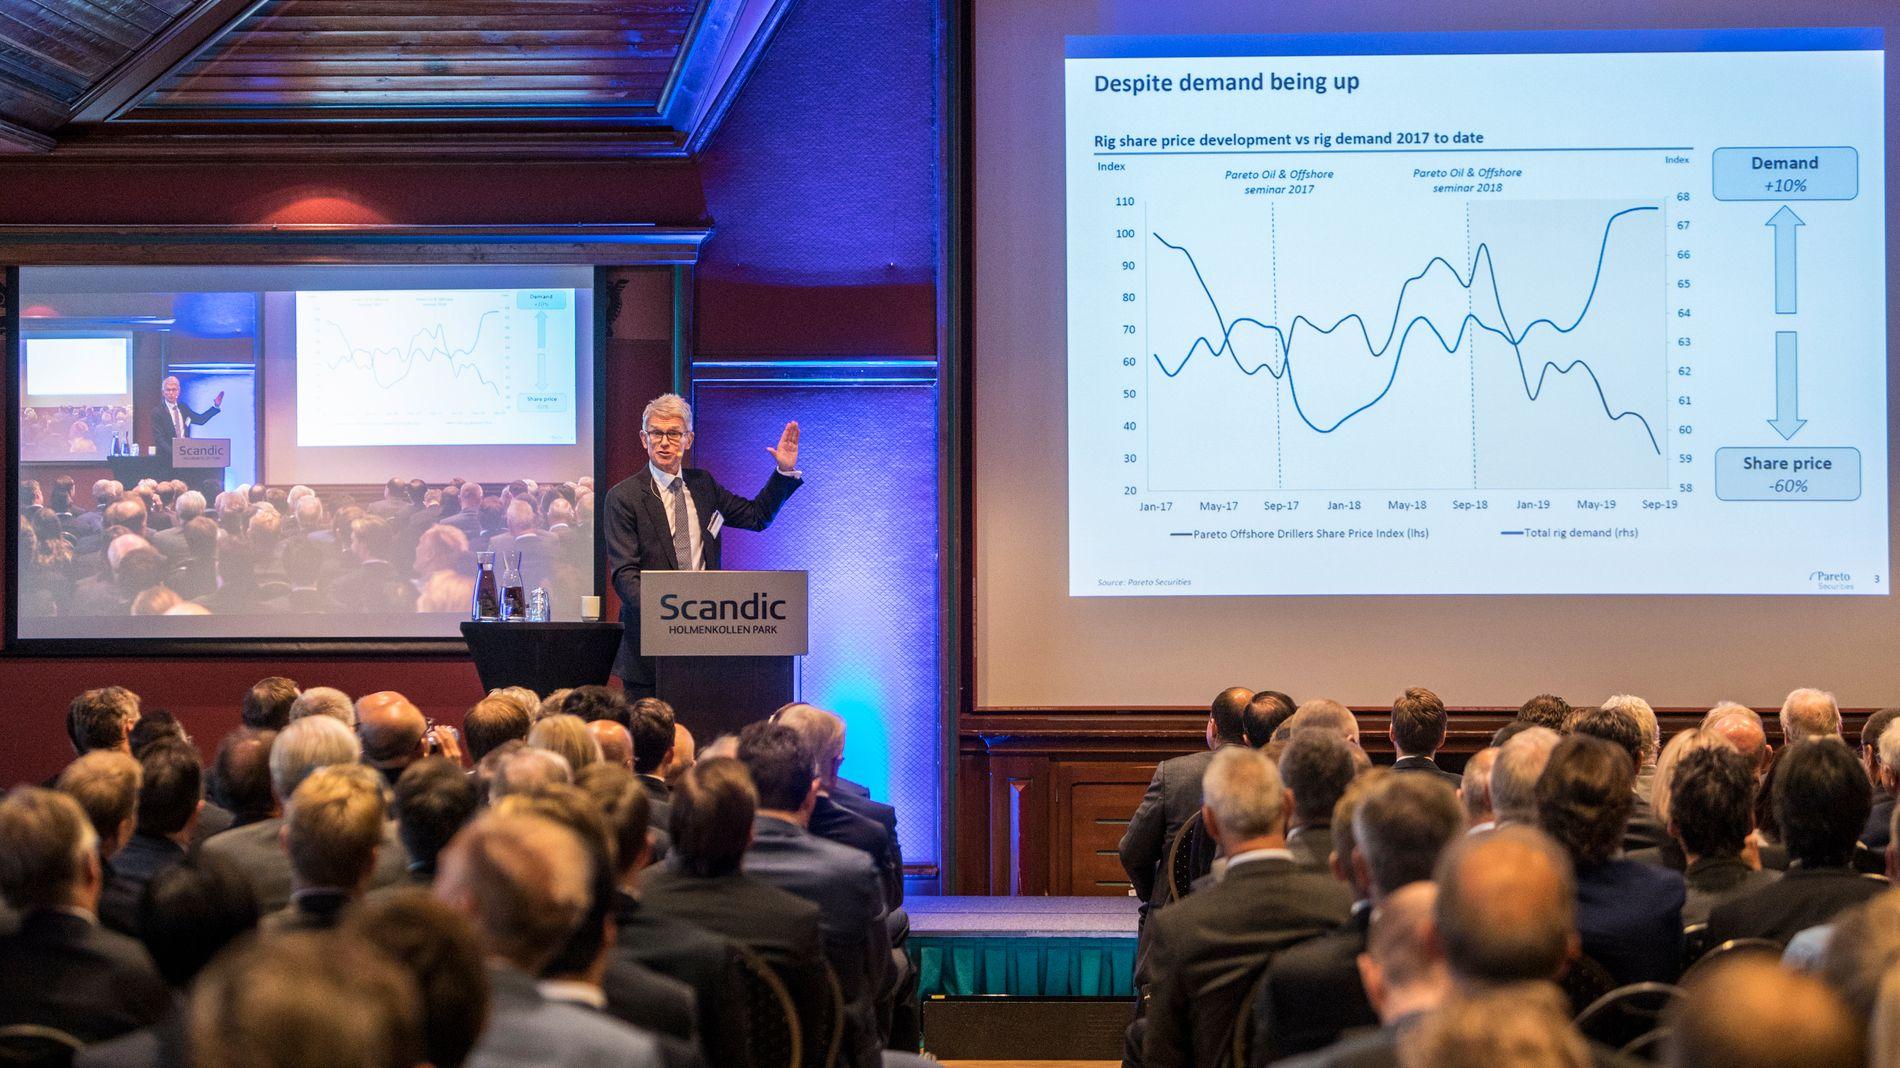 TØFT ÅR: Det er krevende tider for oljebransjen som møtes på Paretokonferansen i Oslo onsdag. Pareto-sjef Christian Jomaas ser positive underliggende tegn i markedet, men erkjenner at det har vært et tungt år siden forrige konferanse.